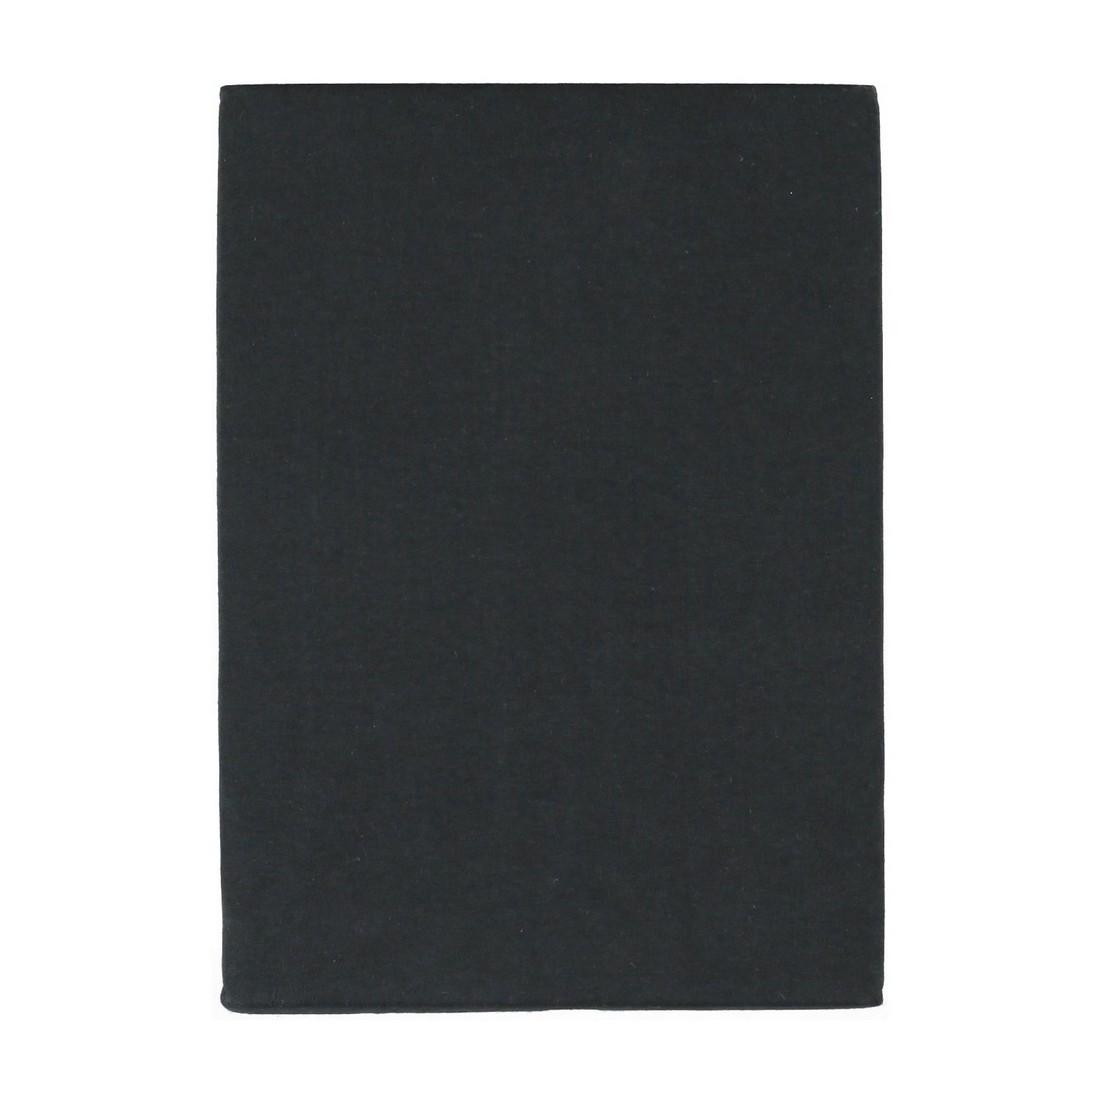 Spannbetttuch Elastic 5002 – Elasthan – 95% Baumwolle – 5% Elasthan Schwarz – 98 – 200 x 200 cm, Janine günstig online kaufen